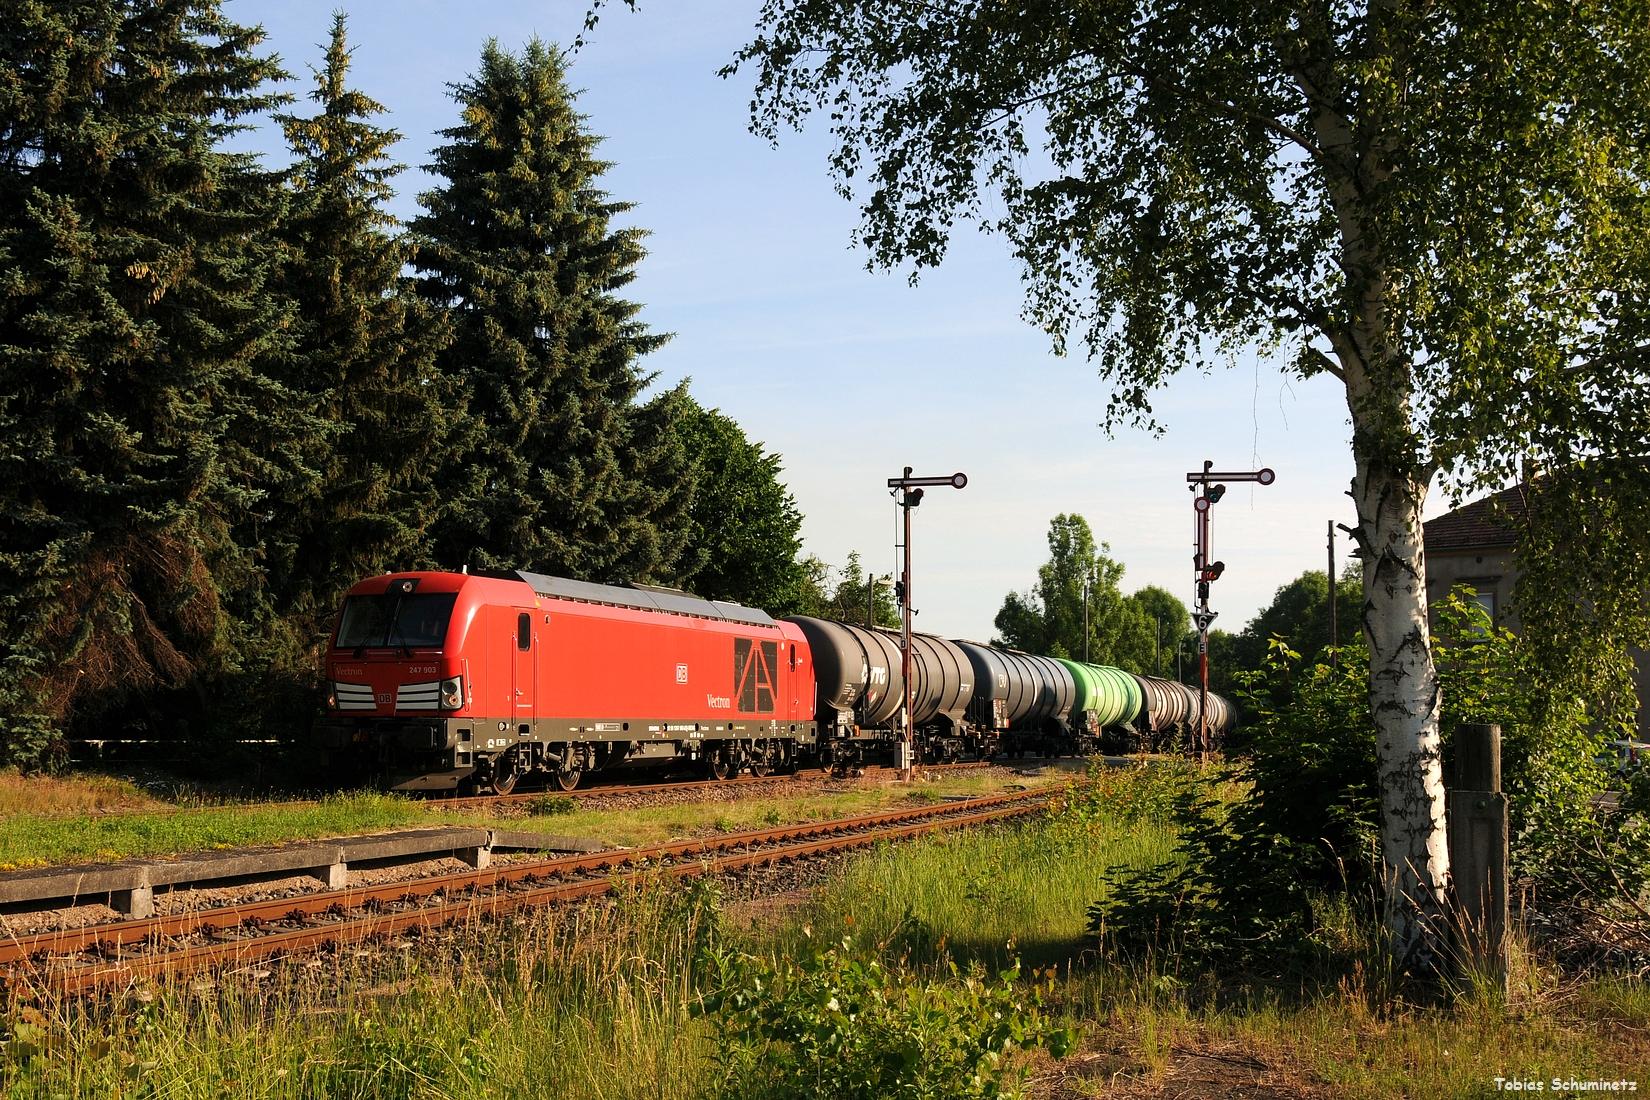 Das erste Bild gelang dann von der Fuhre mit 247 903 bei der Einfahrt in den Bahnhof Miltitz-Roitzschen.